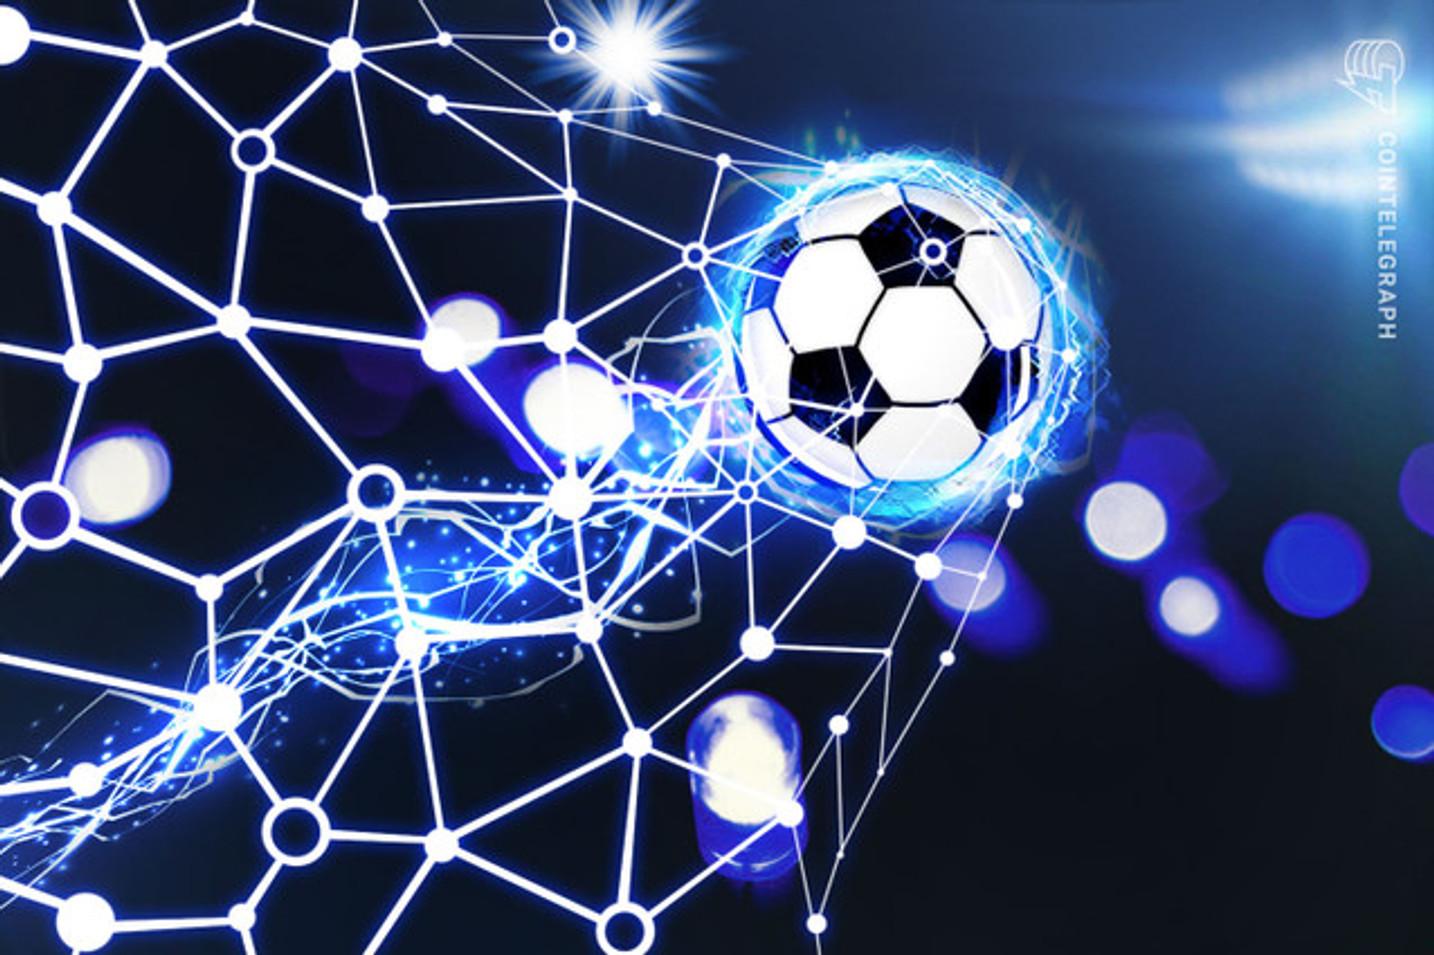 Vesta Calcio: la prima squadra italiana con il logo di Bitcoin sulla maglia dei giocatori